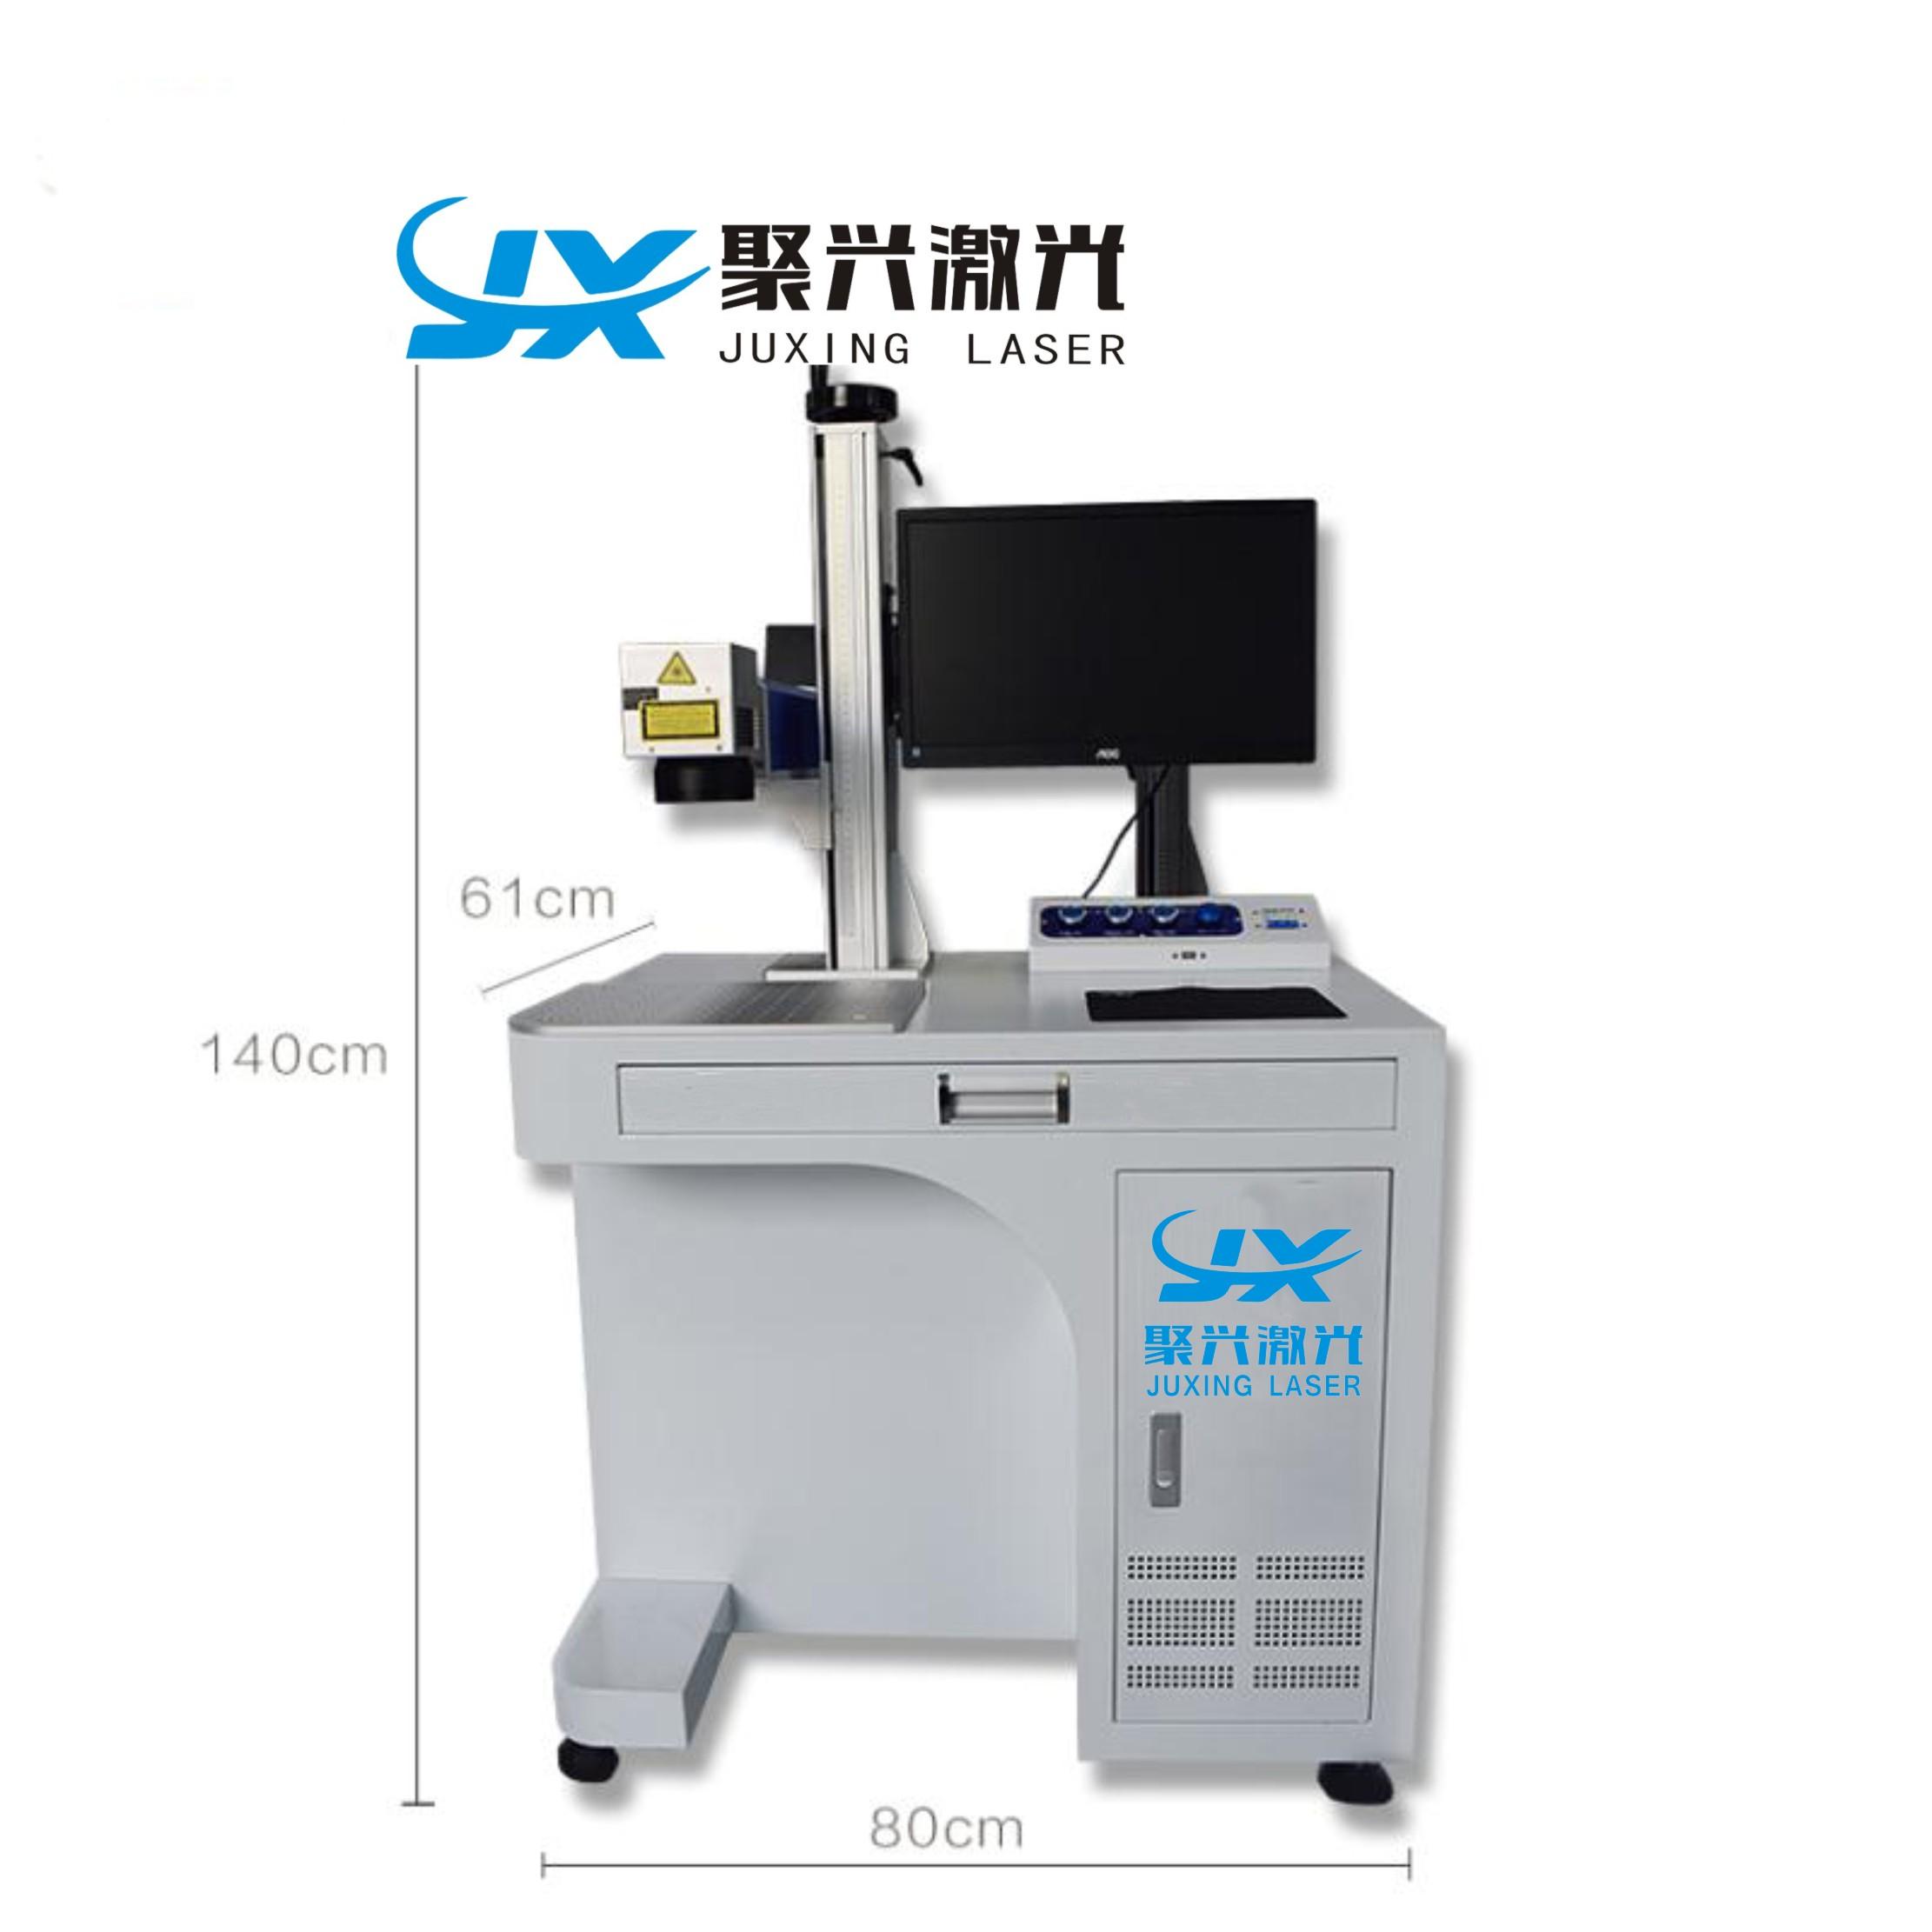 光纤激光打标机<br/>紫外激光打标机<br/>二氧化碳激光打标机<br/>端泵激光打标机